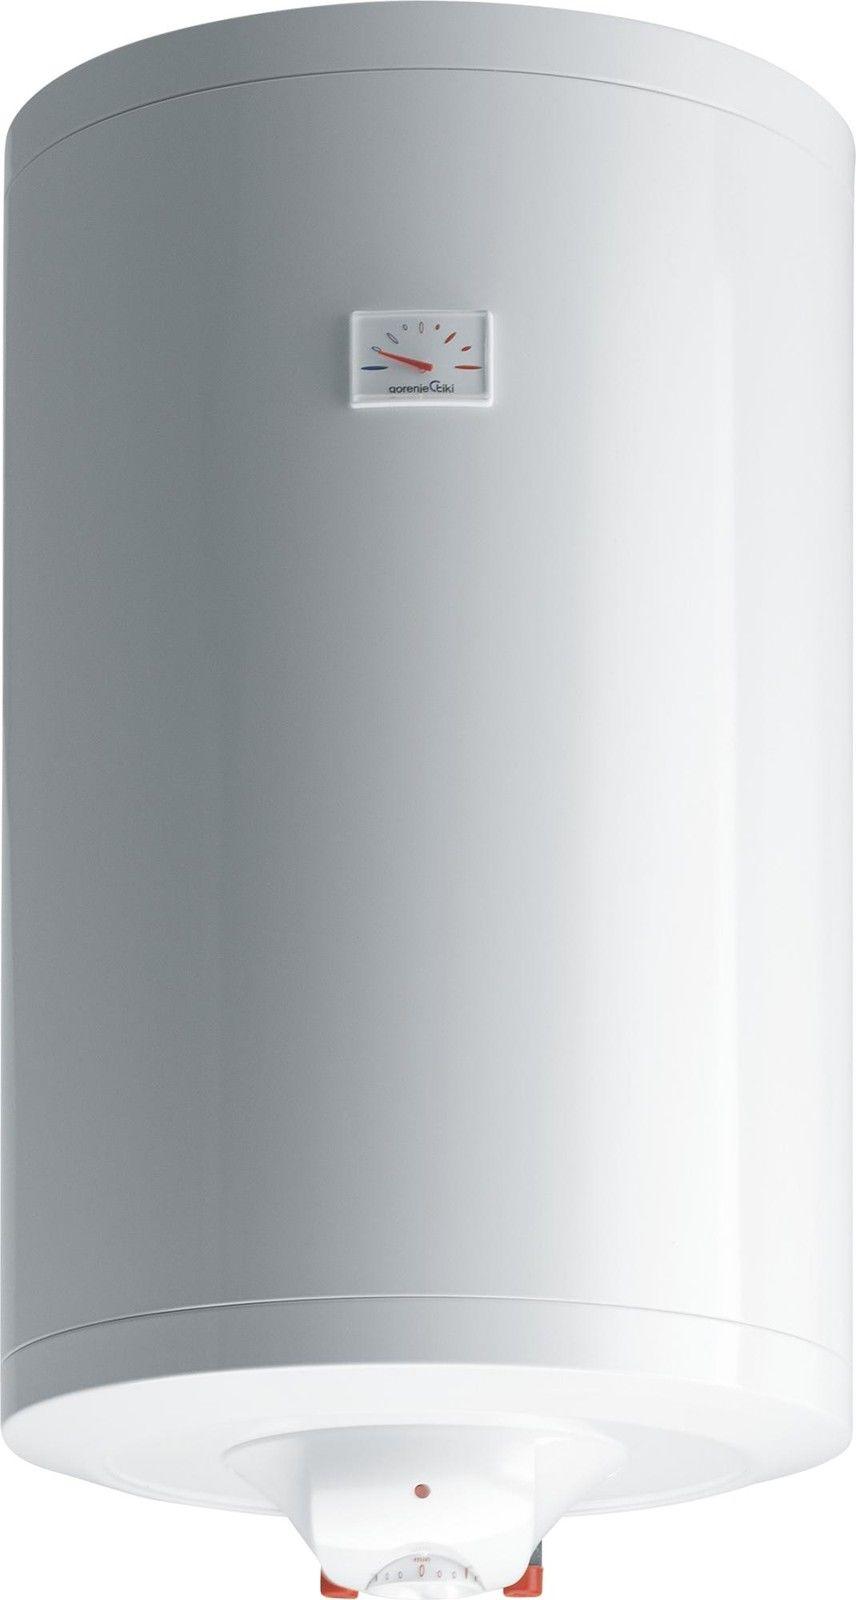 gorenje tgr30 n d boiler 30 liter druckfest thermostat eco warmwasser boiler. Black Bedroom Furniture Sets. Home Design Ideas